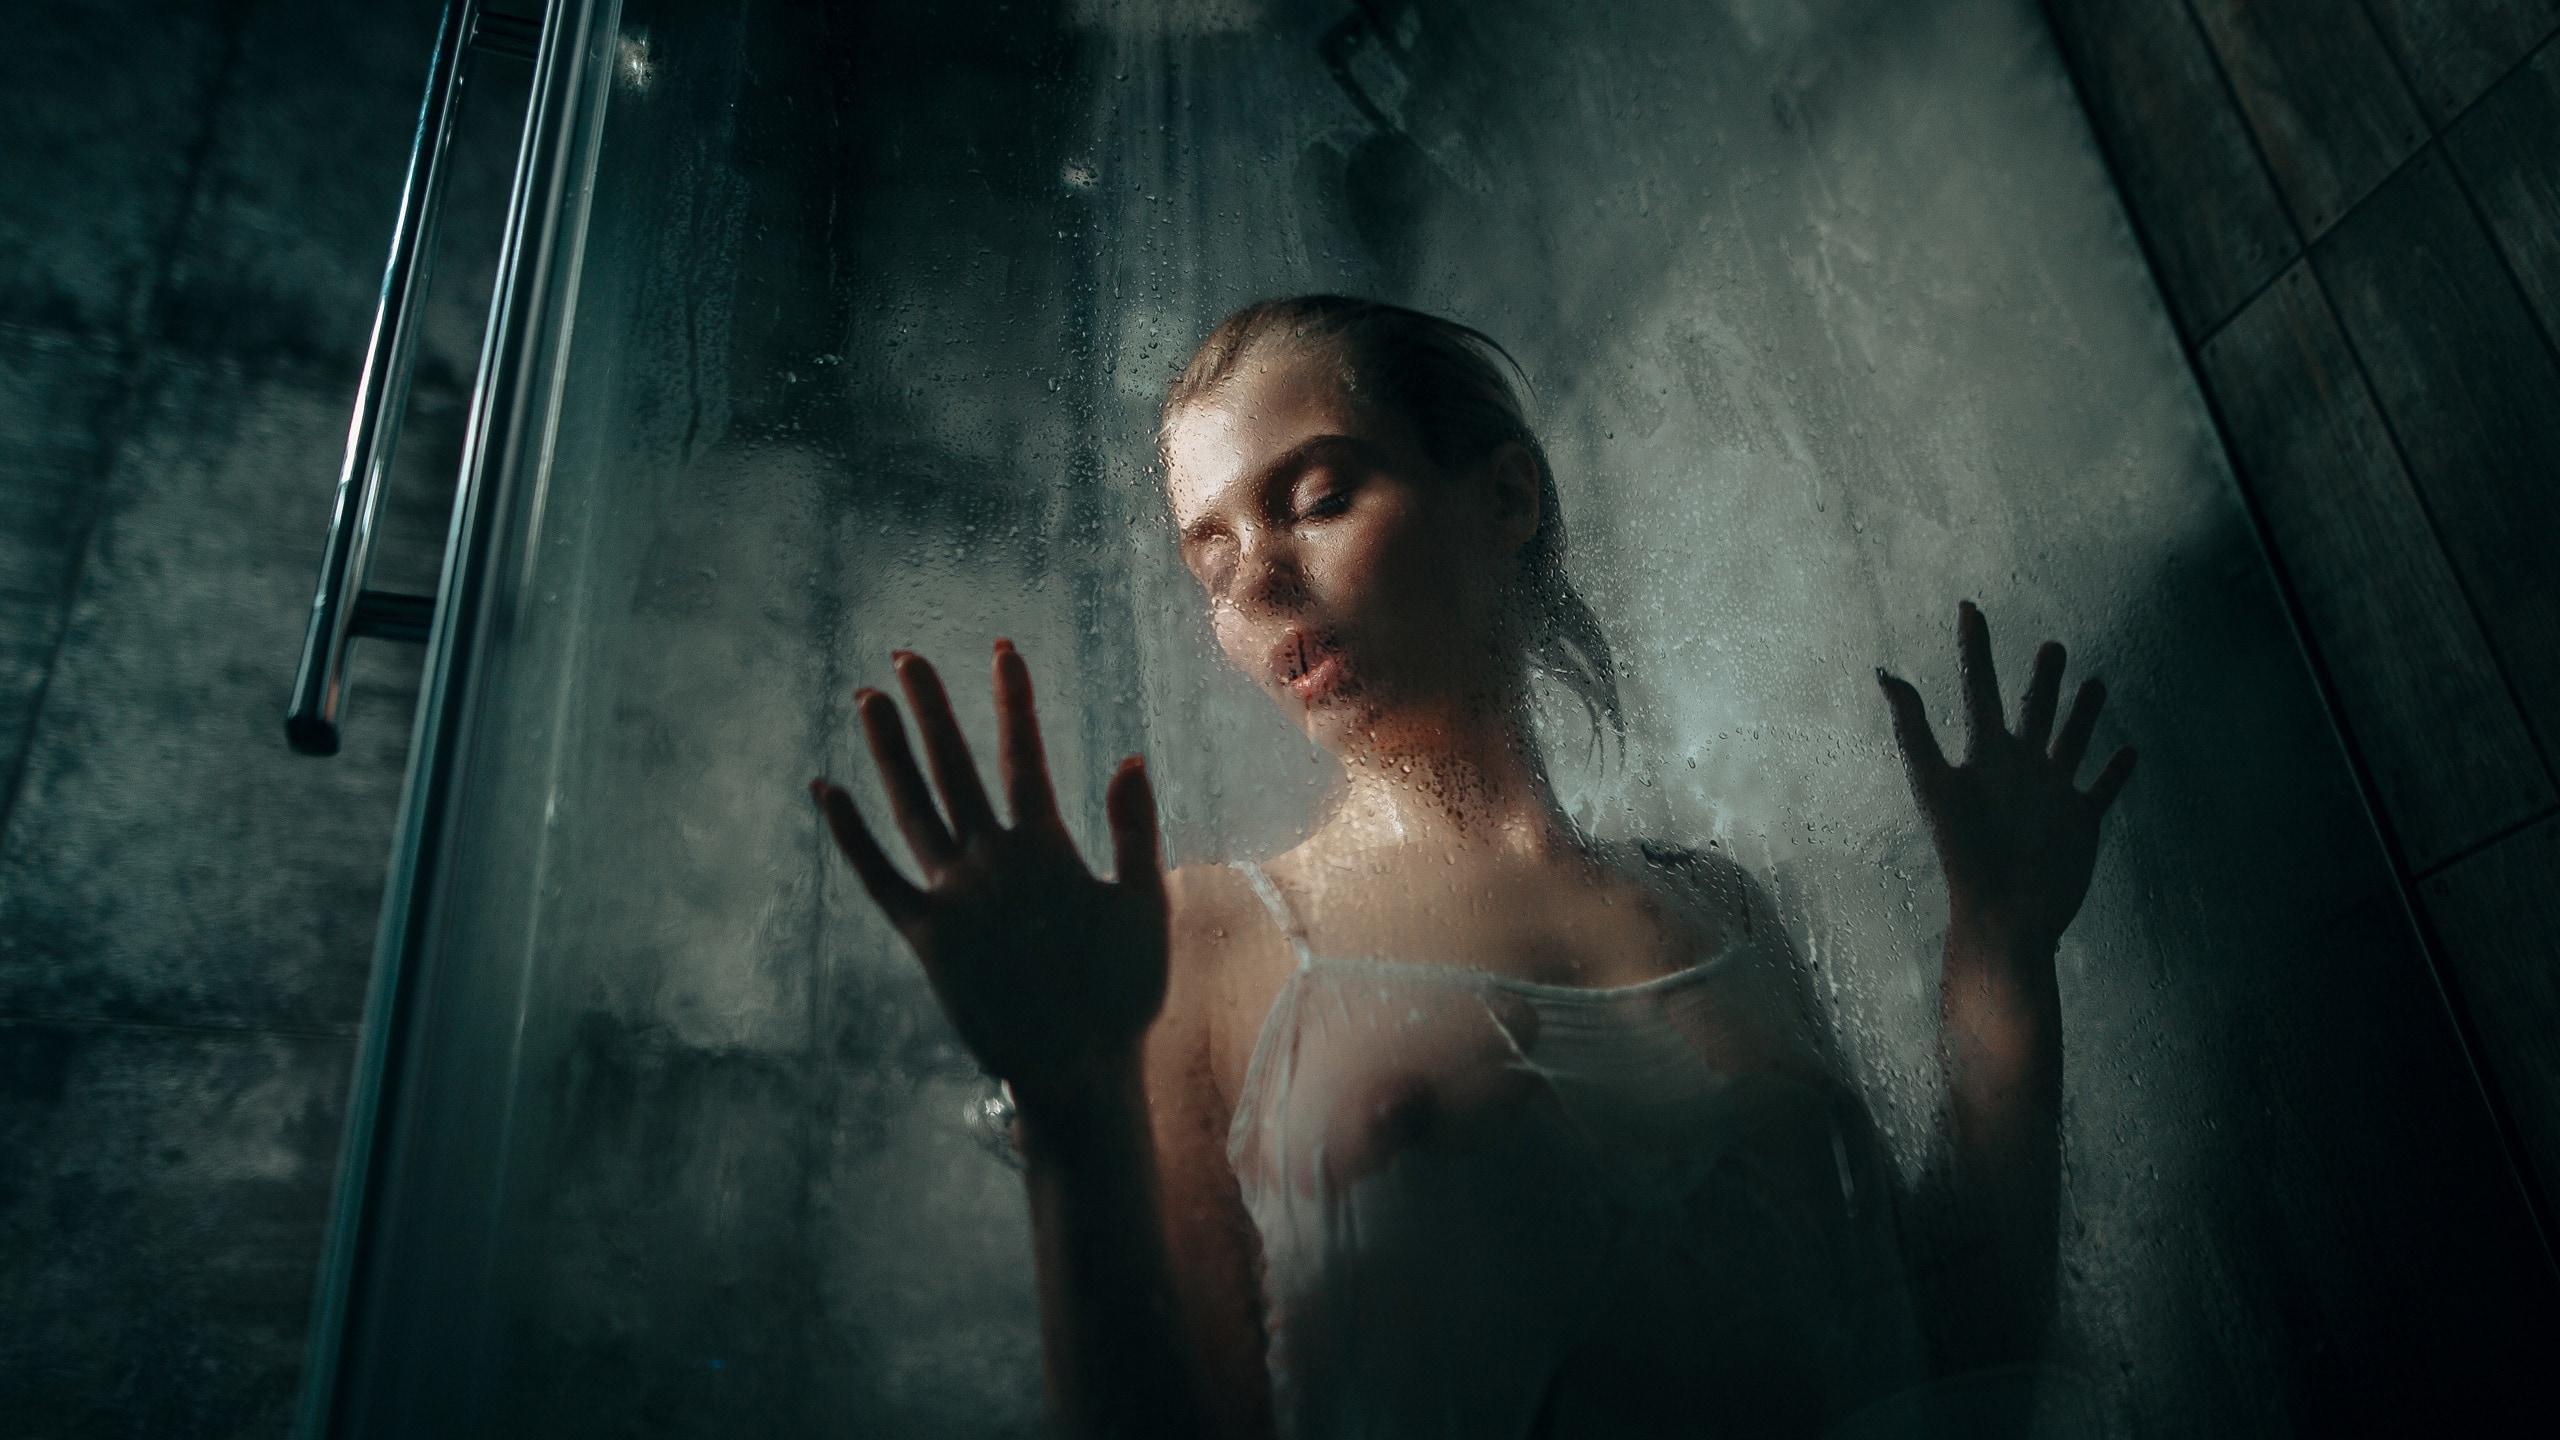 Marta Gromova by Andrey Vasilyev